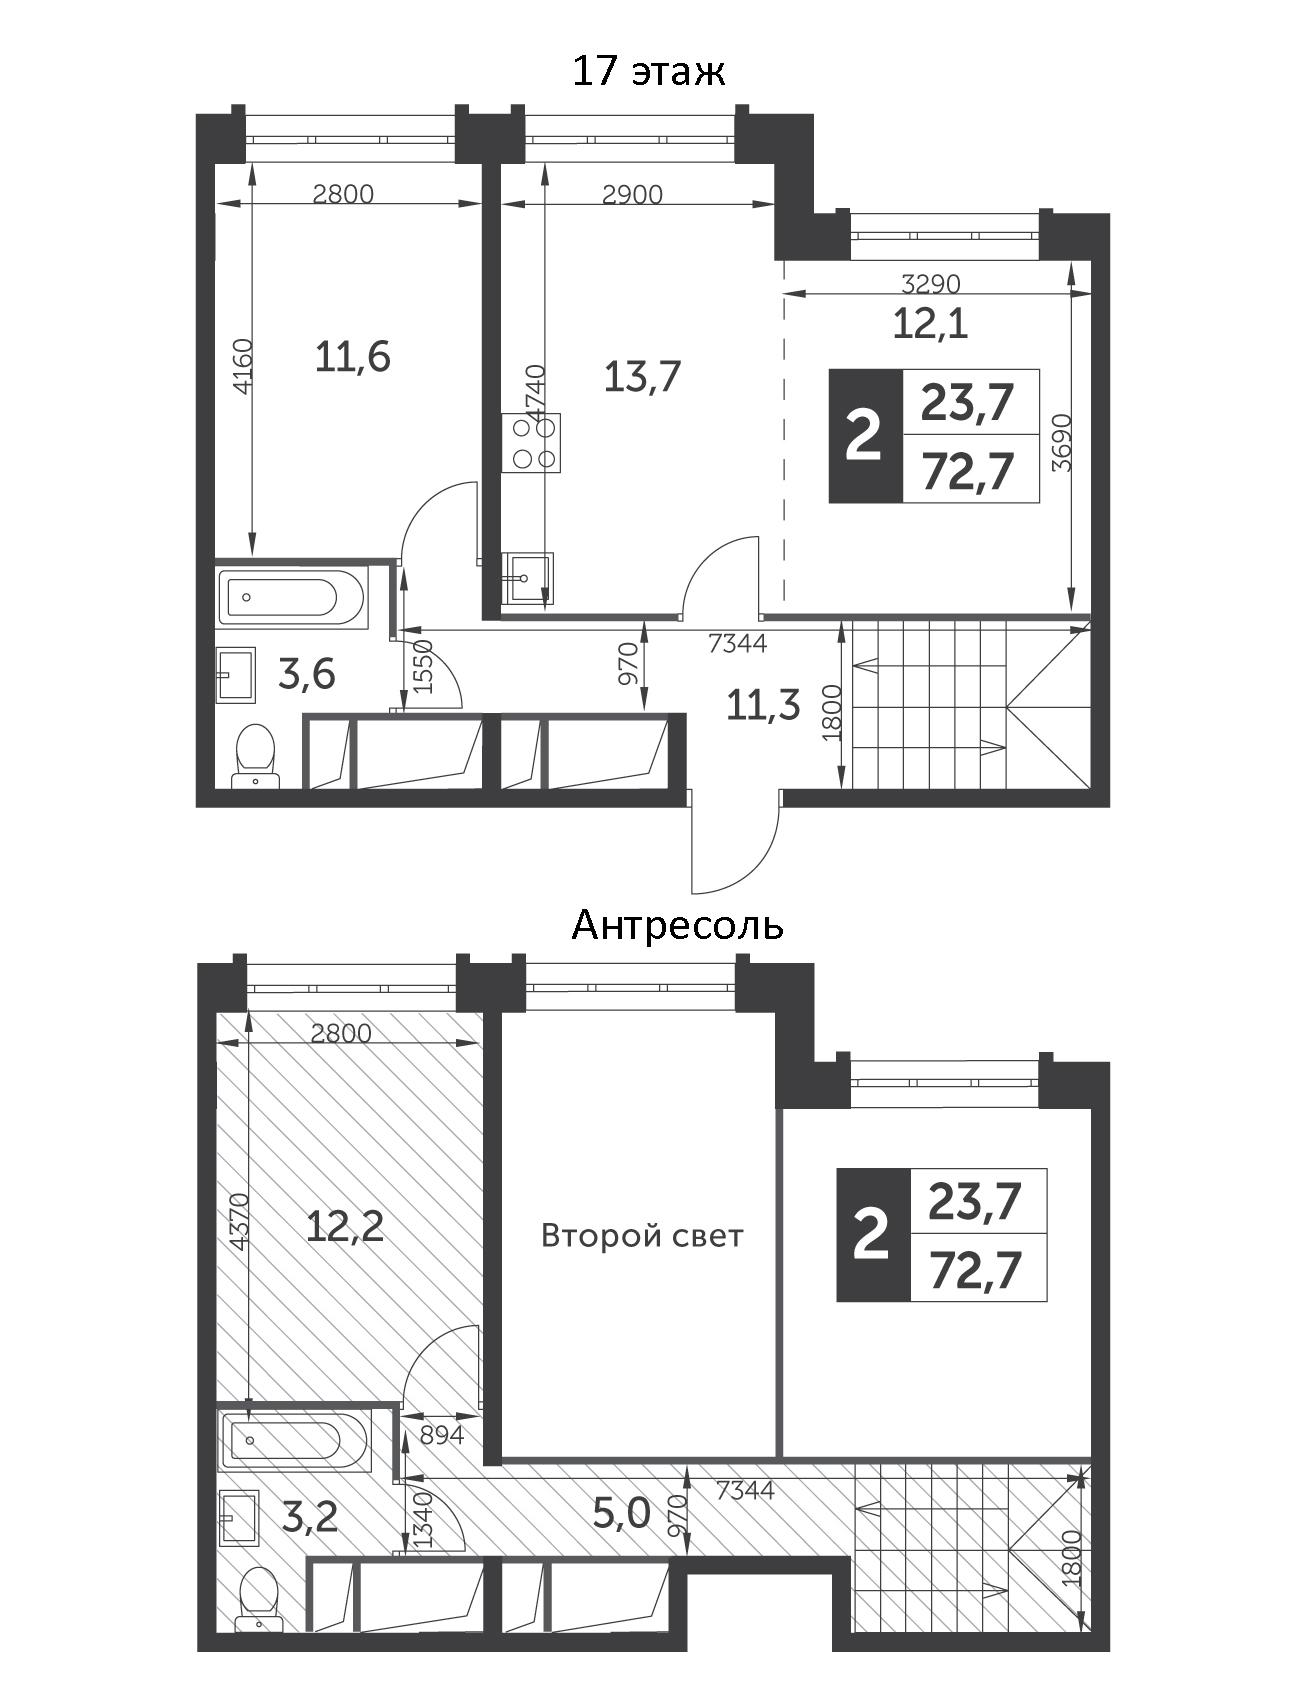 3Е-к.кв, 72.7 м², 17 этаж